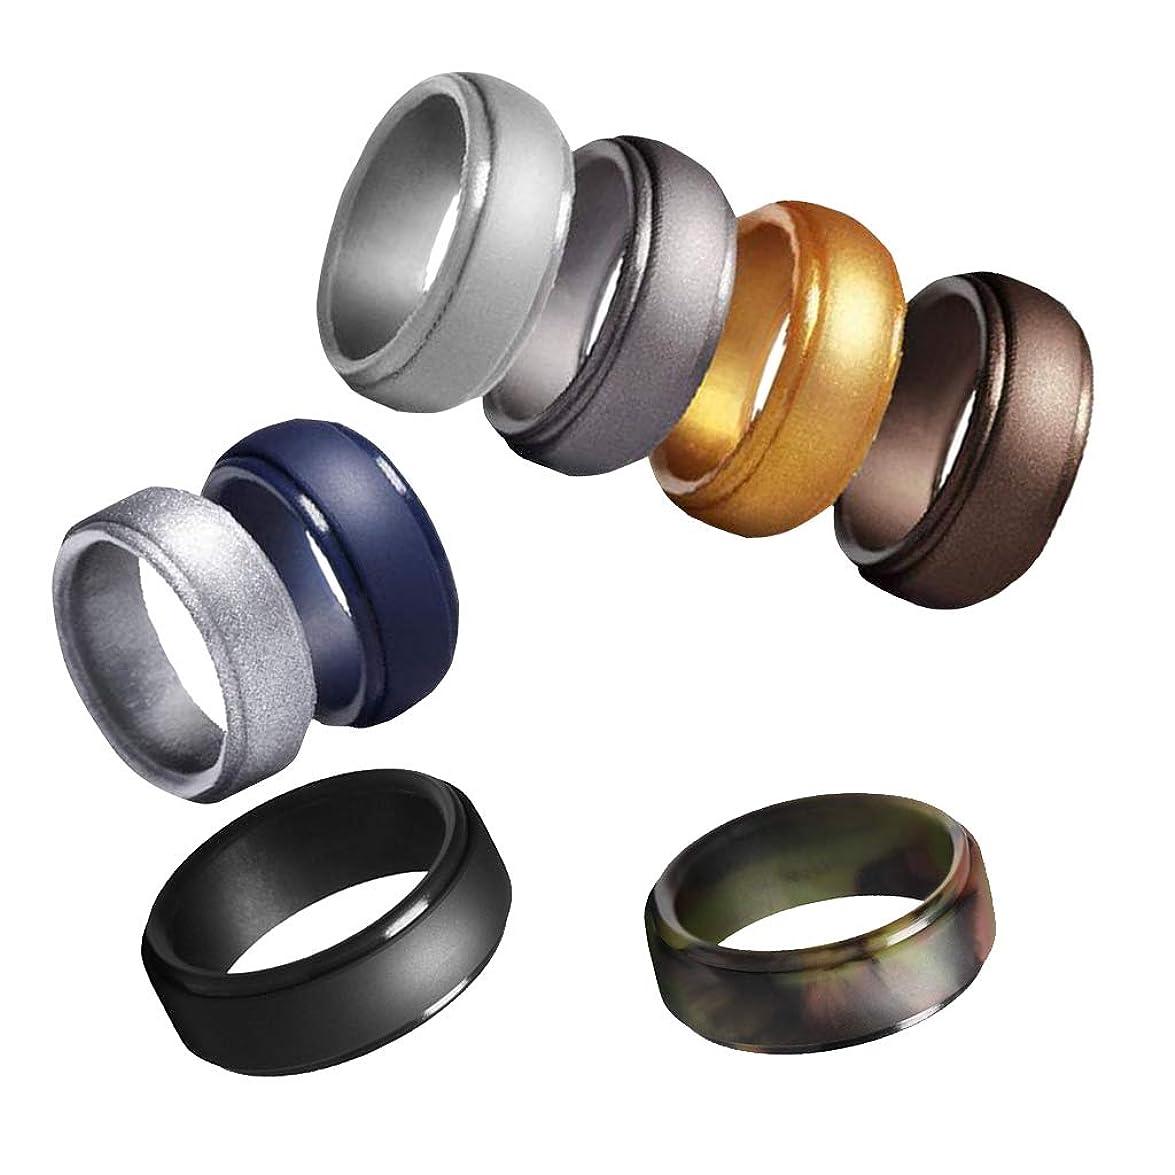 うめきナチュラ呼びかけるSM SunniMix 指輪 メンズ リング シリコーン指輪 スタンダードリング 婚約 結婚 カップル 8個入り 全8サイズ - サイズ9